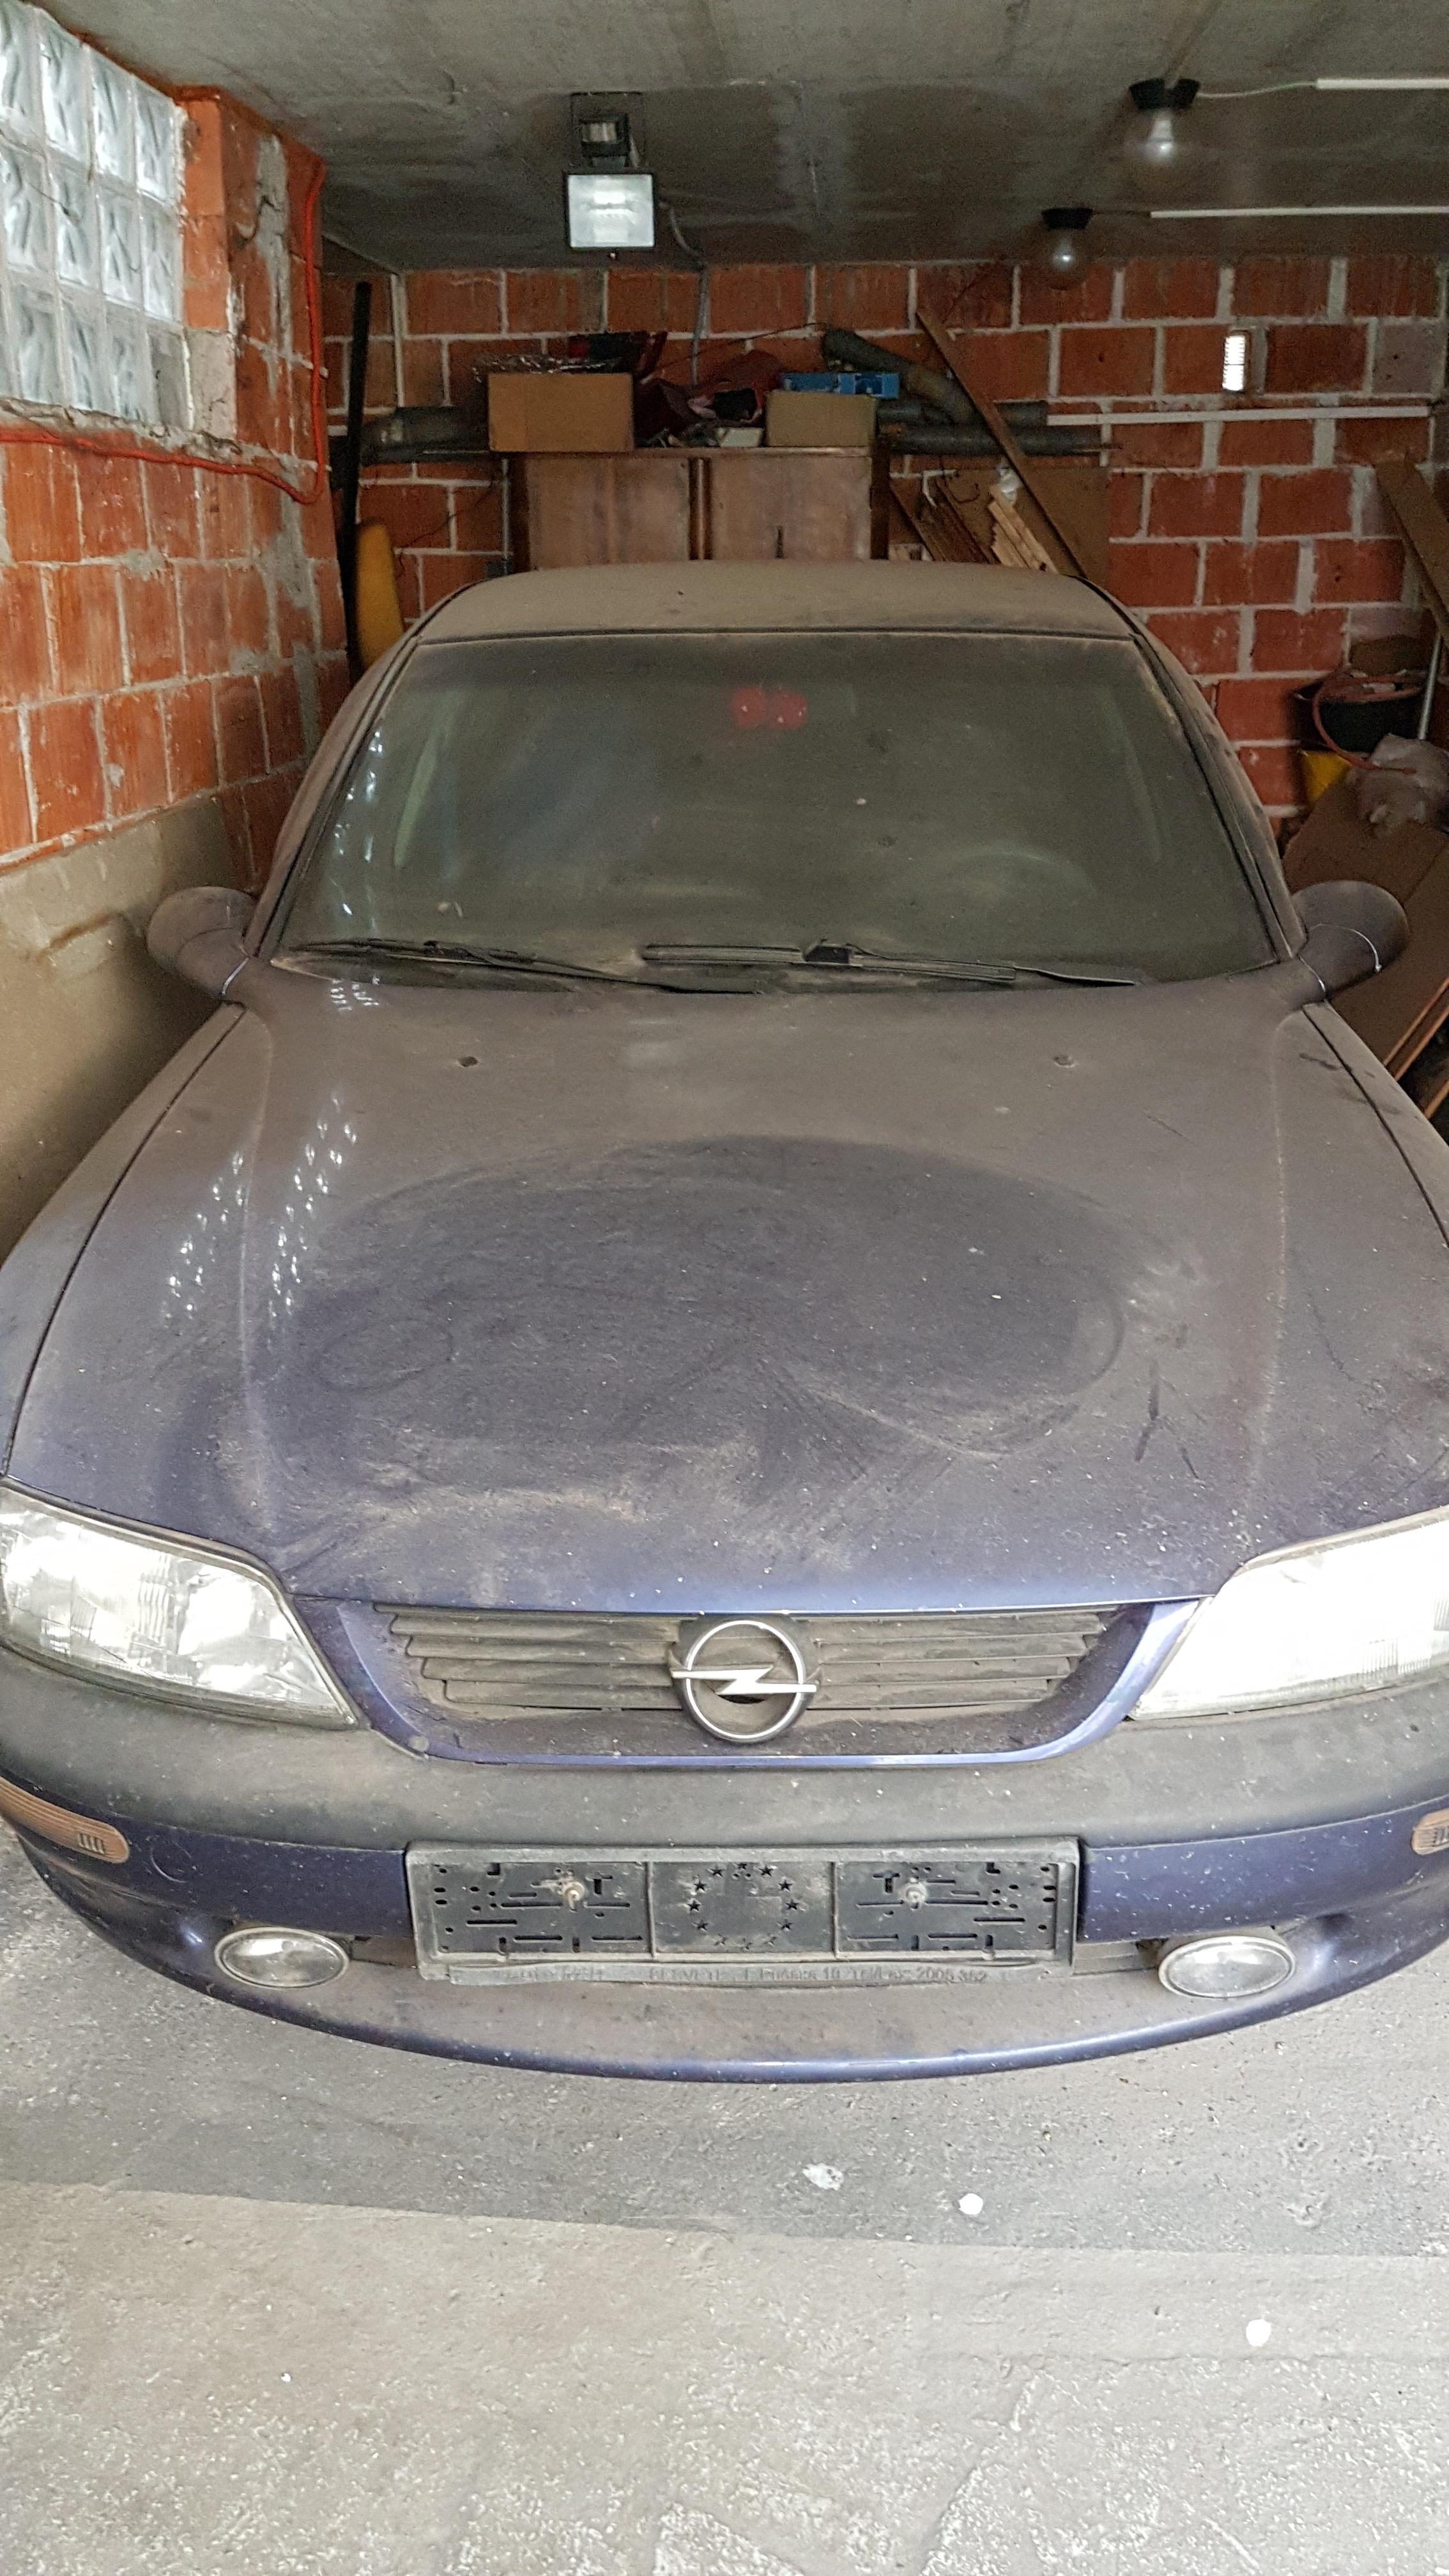 Opel Vectra, 1.6 16V